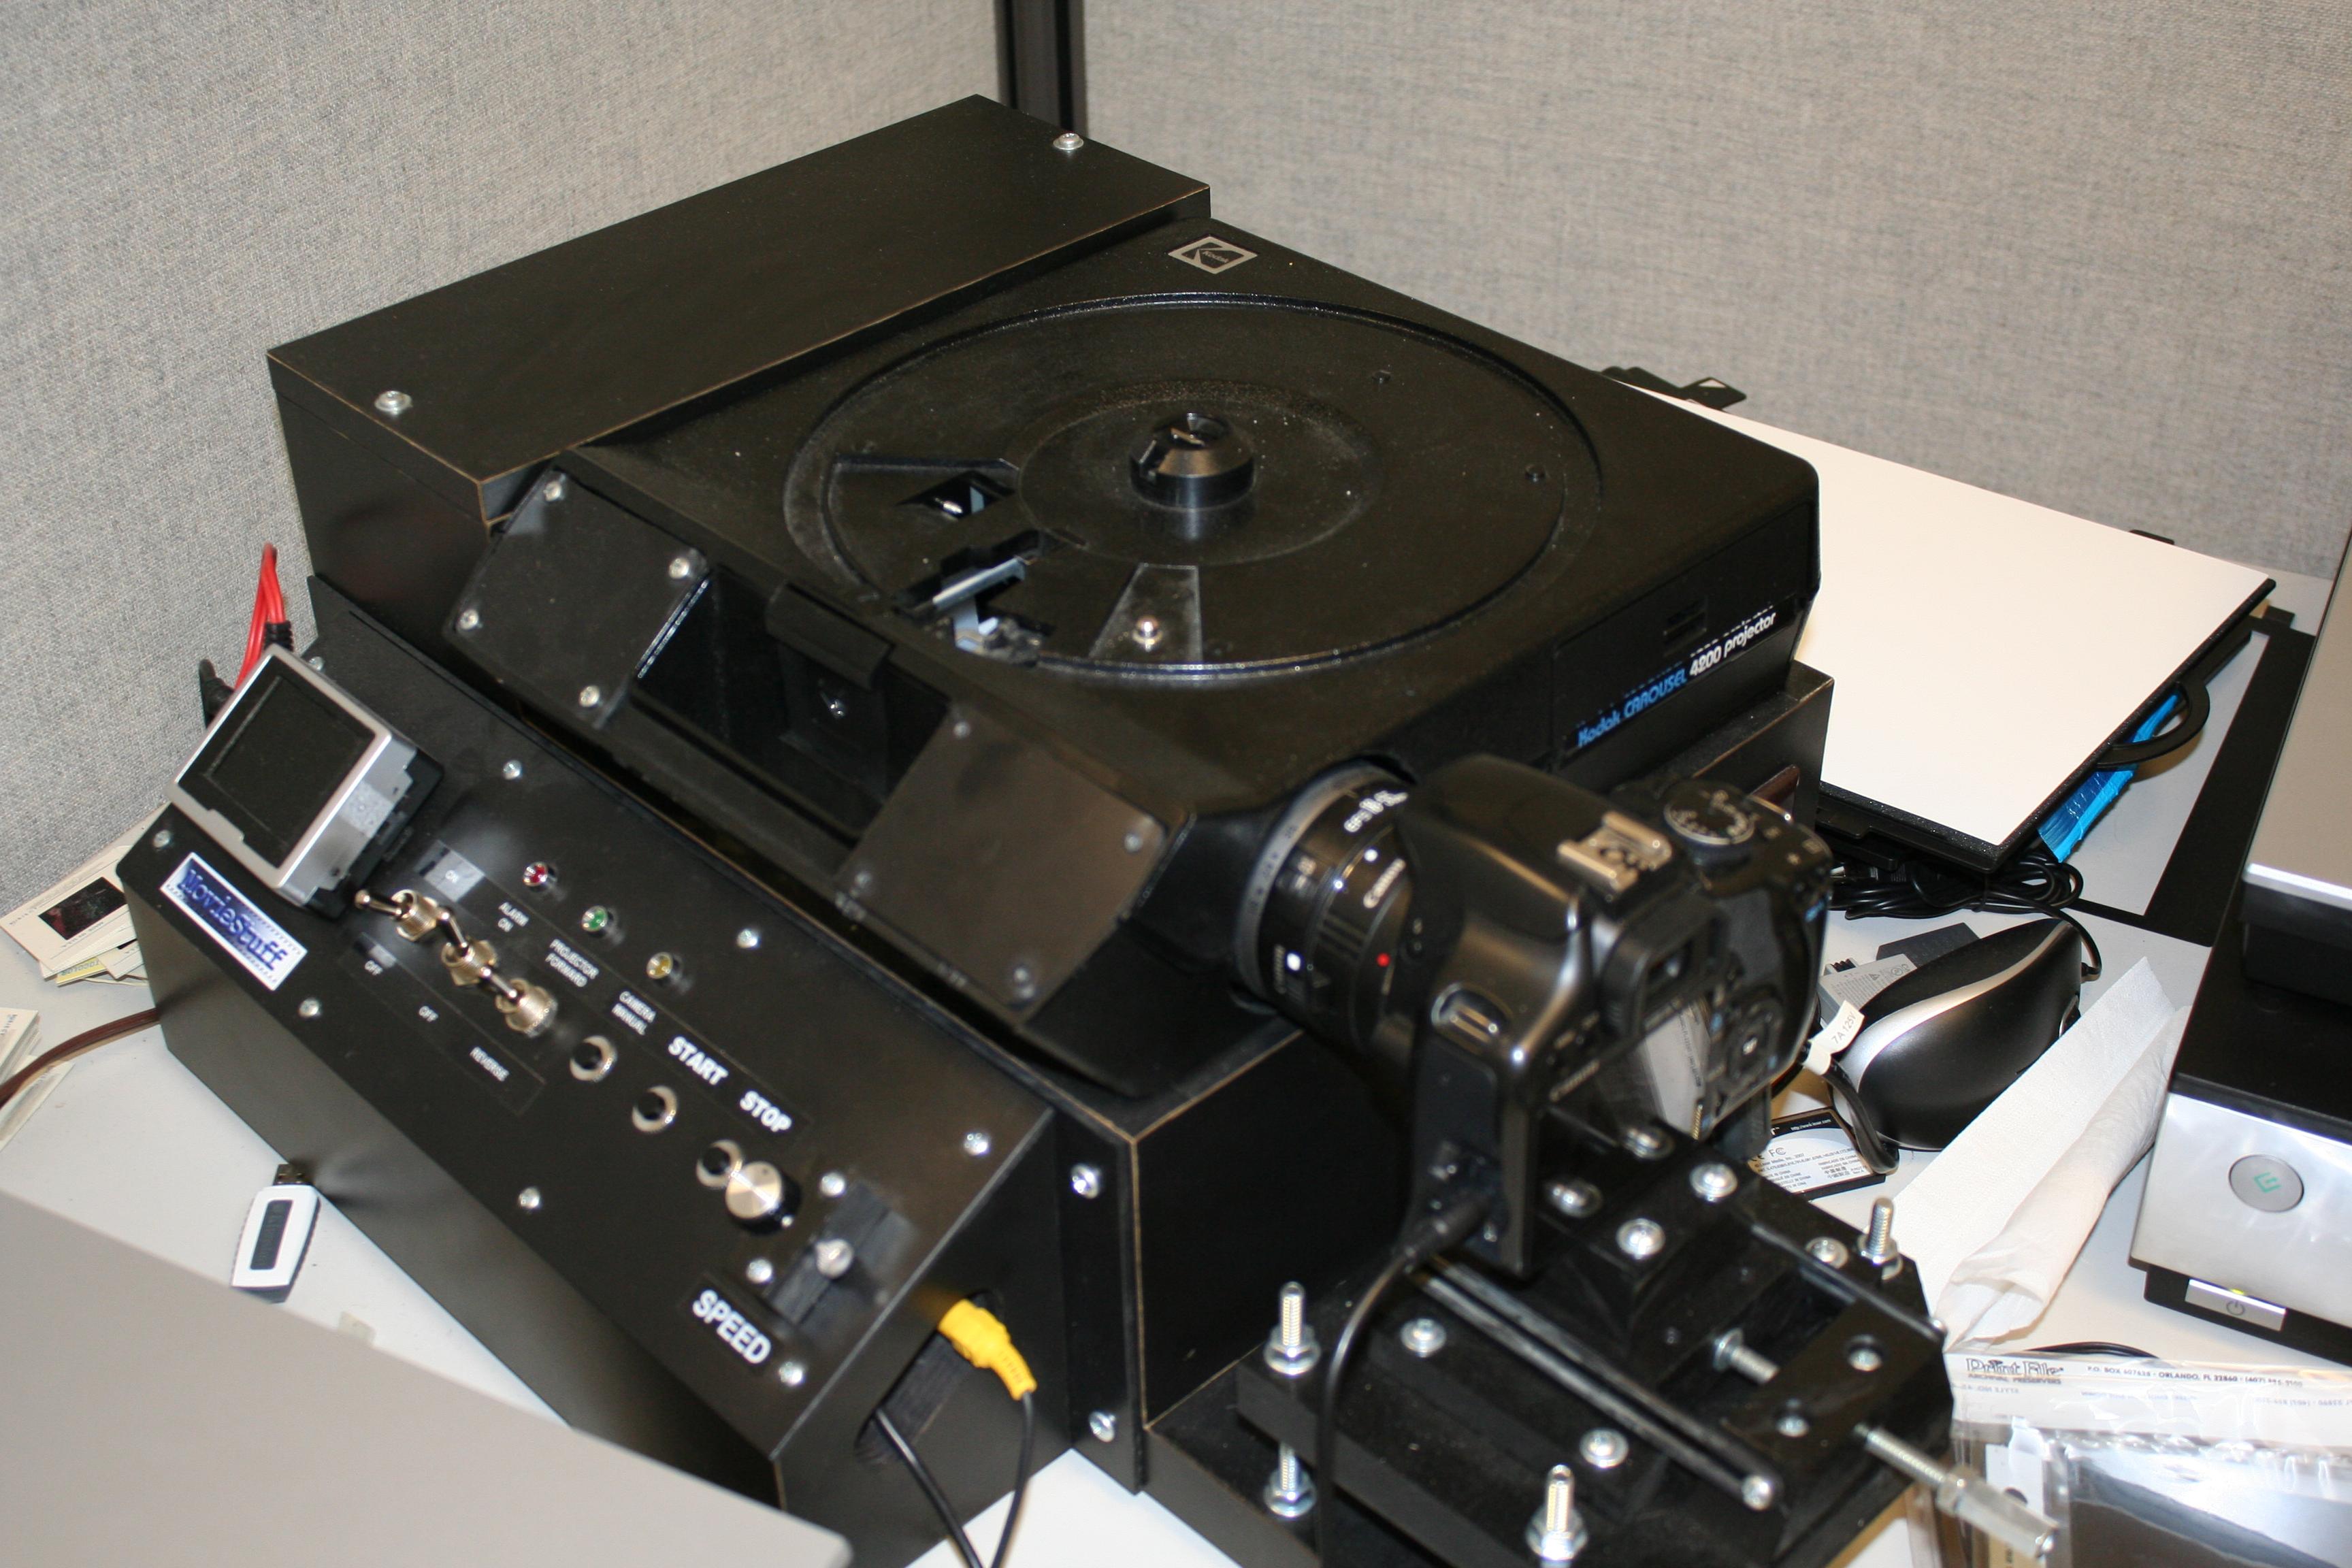 35mm Photo Slide Scanning Service MN | Negatives Scanning MPLS